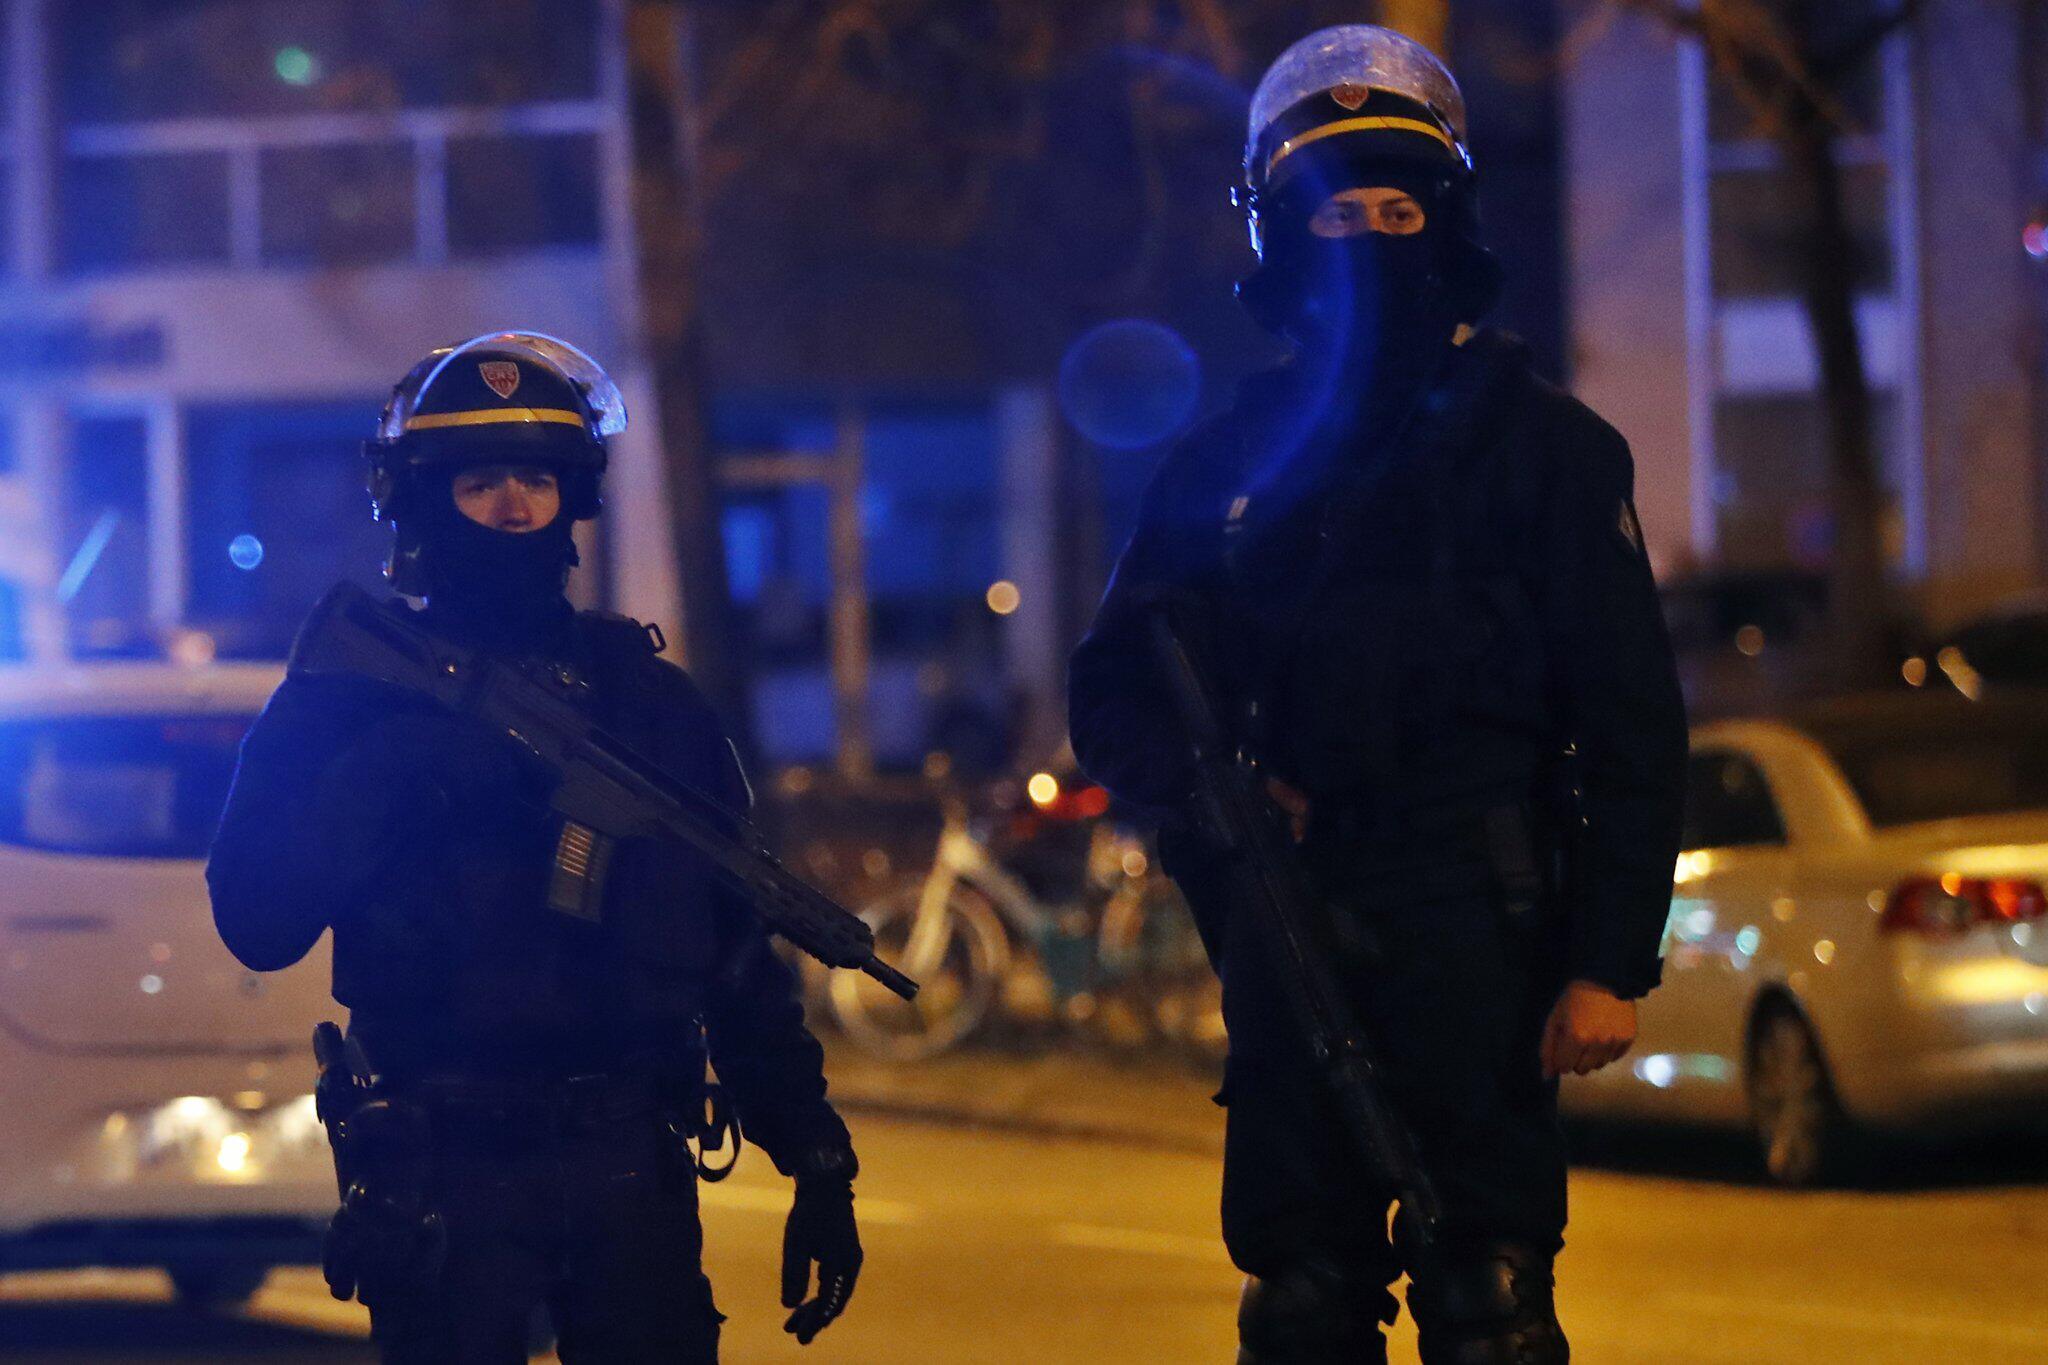 Bild zu Chérif Chekatt, Anschlag, Straßburg, Terroranschlag, Terrorist, Tod, Polizei, Attentäter